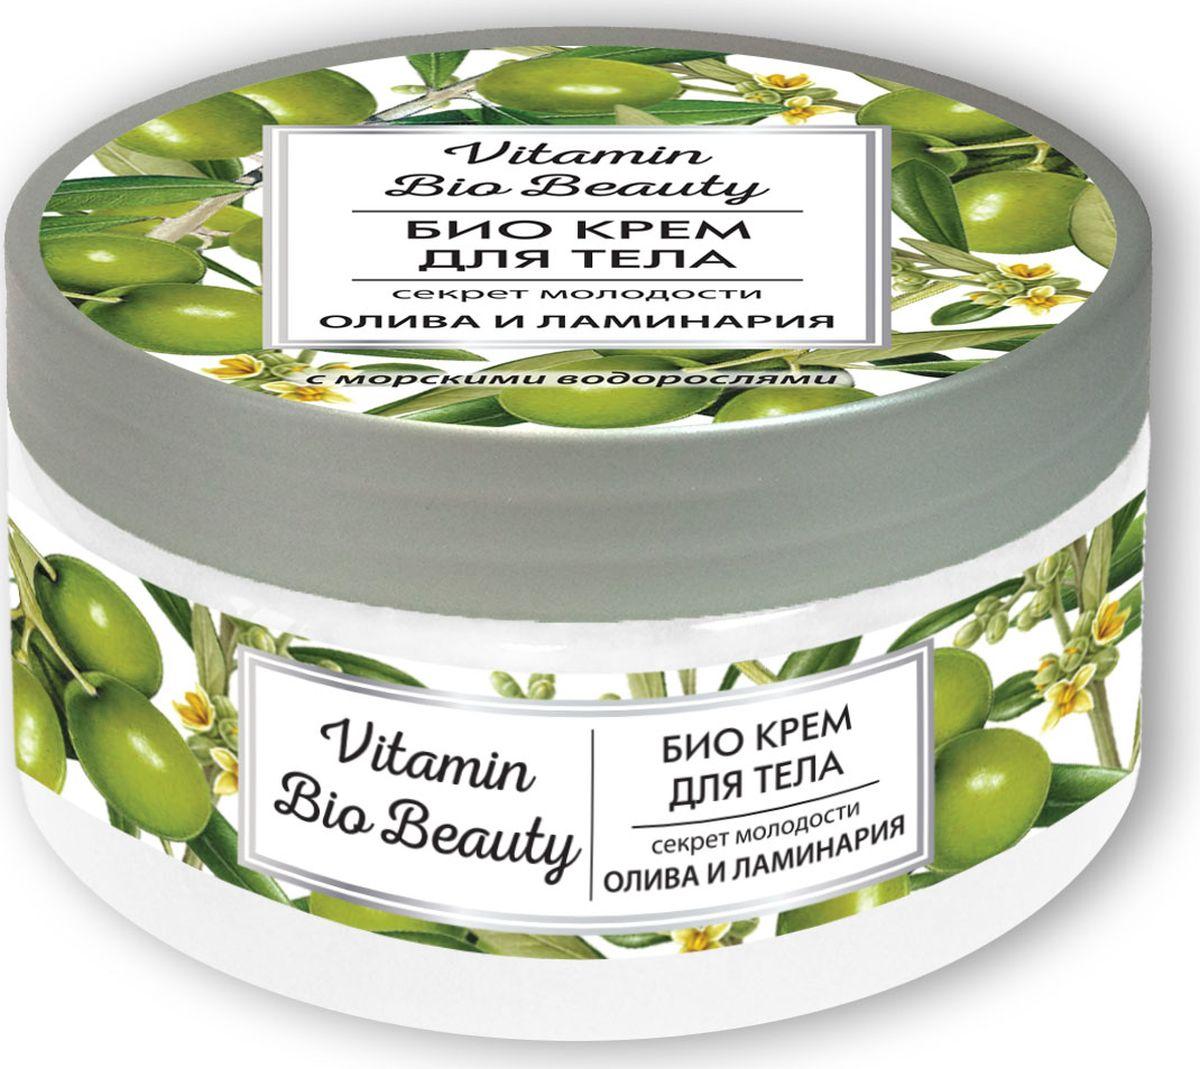 Vitamin Bio Beauty Крем для тела олива и ламинария секрет молодости, 250 мл215-030-93862Vitamin Bio Beauty Крем для тела олива и ламинария секрет молодости 250мл, богатый роскошными 100% натуральными экстрактами предотвращает сухость кожи, которая является причиной возникновения ускоренного старения. Олива глубоко увлажняет кожу, успокаивает и омолаживает её, придает упругость. Экстракт водоросли ламинарии выравнивает кожу, делает ее эластичной. Зеленый чай увлажняет и повышает тонус кожи. Роскошный быстро впитывающийся крем обеспечит Вашей коже нежную заботу, красоту и гладкость.